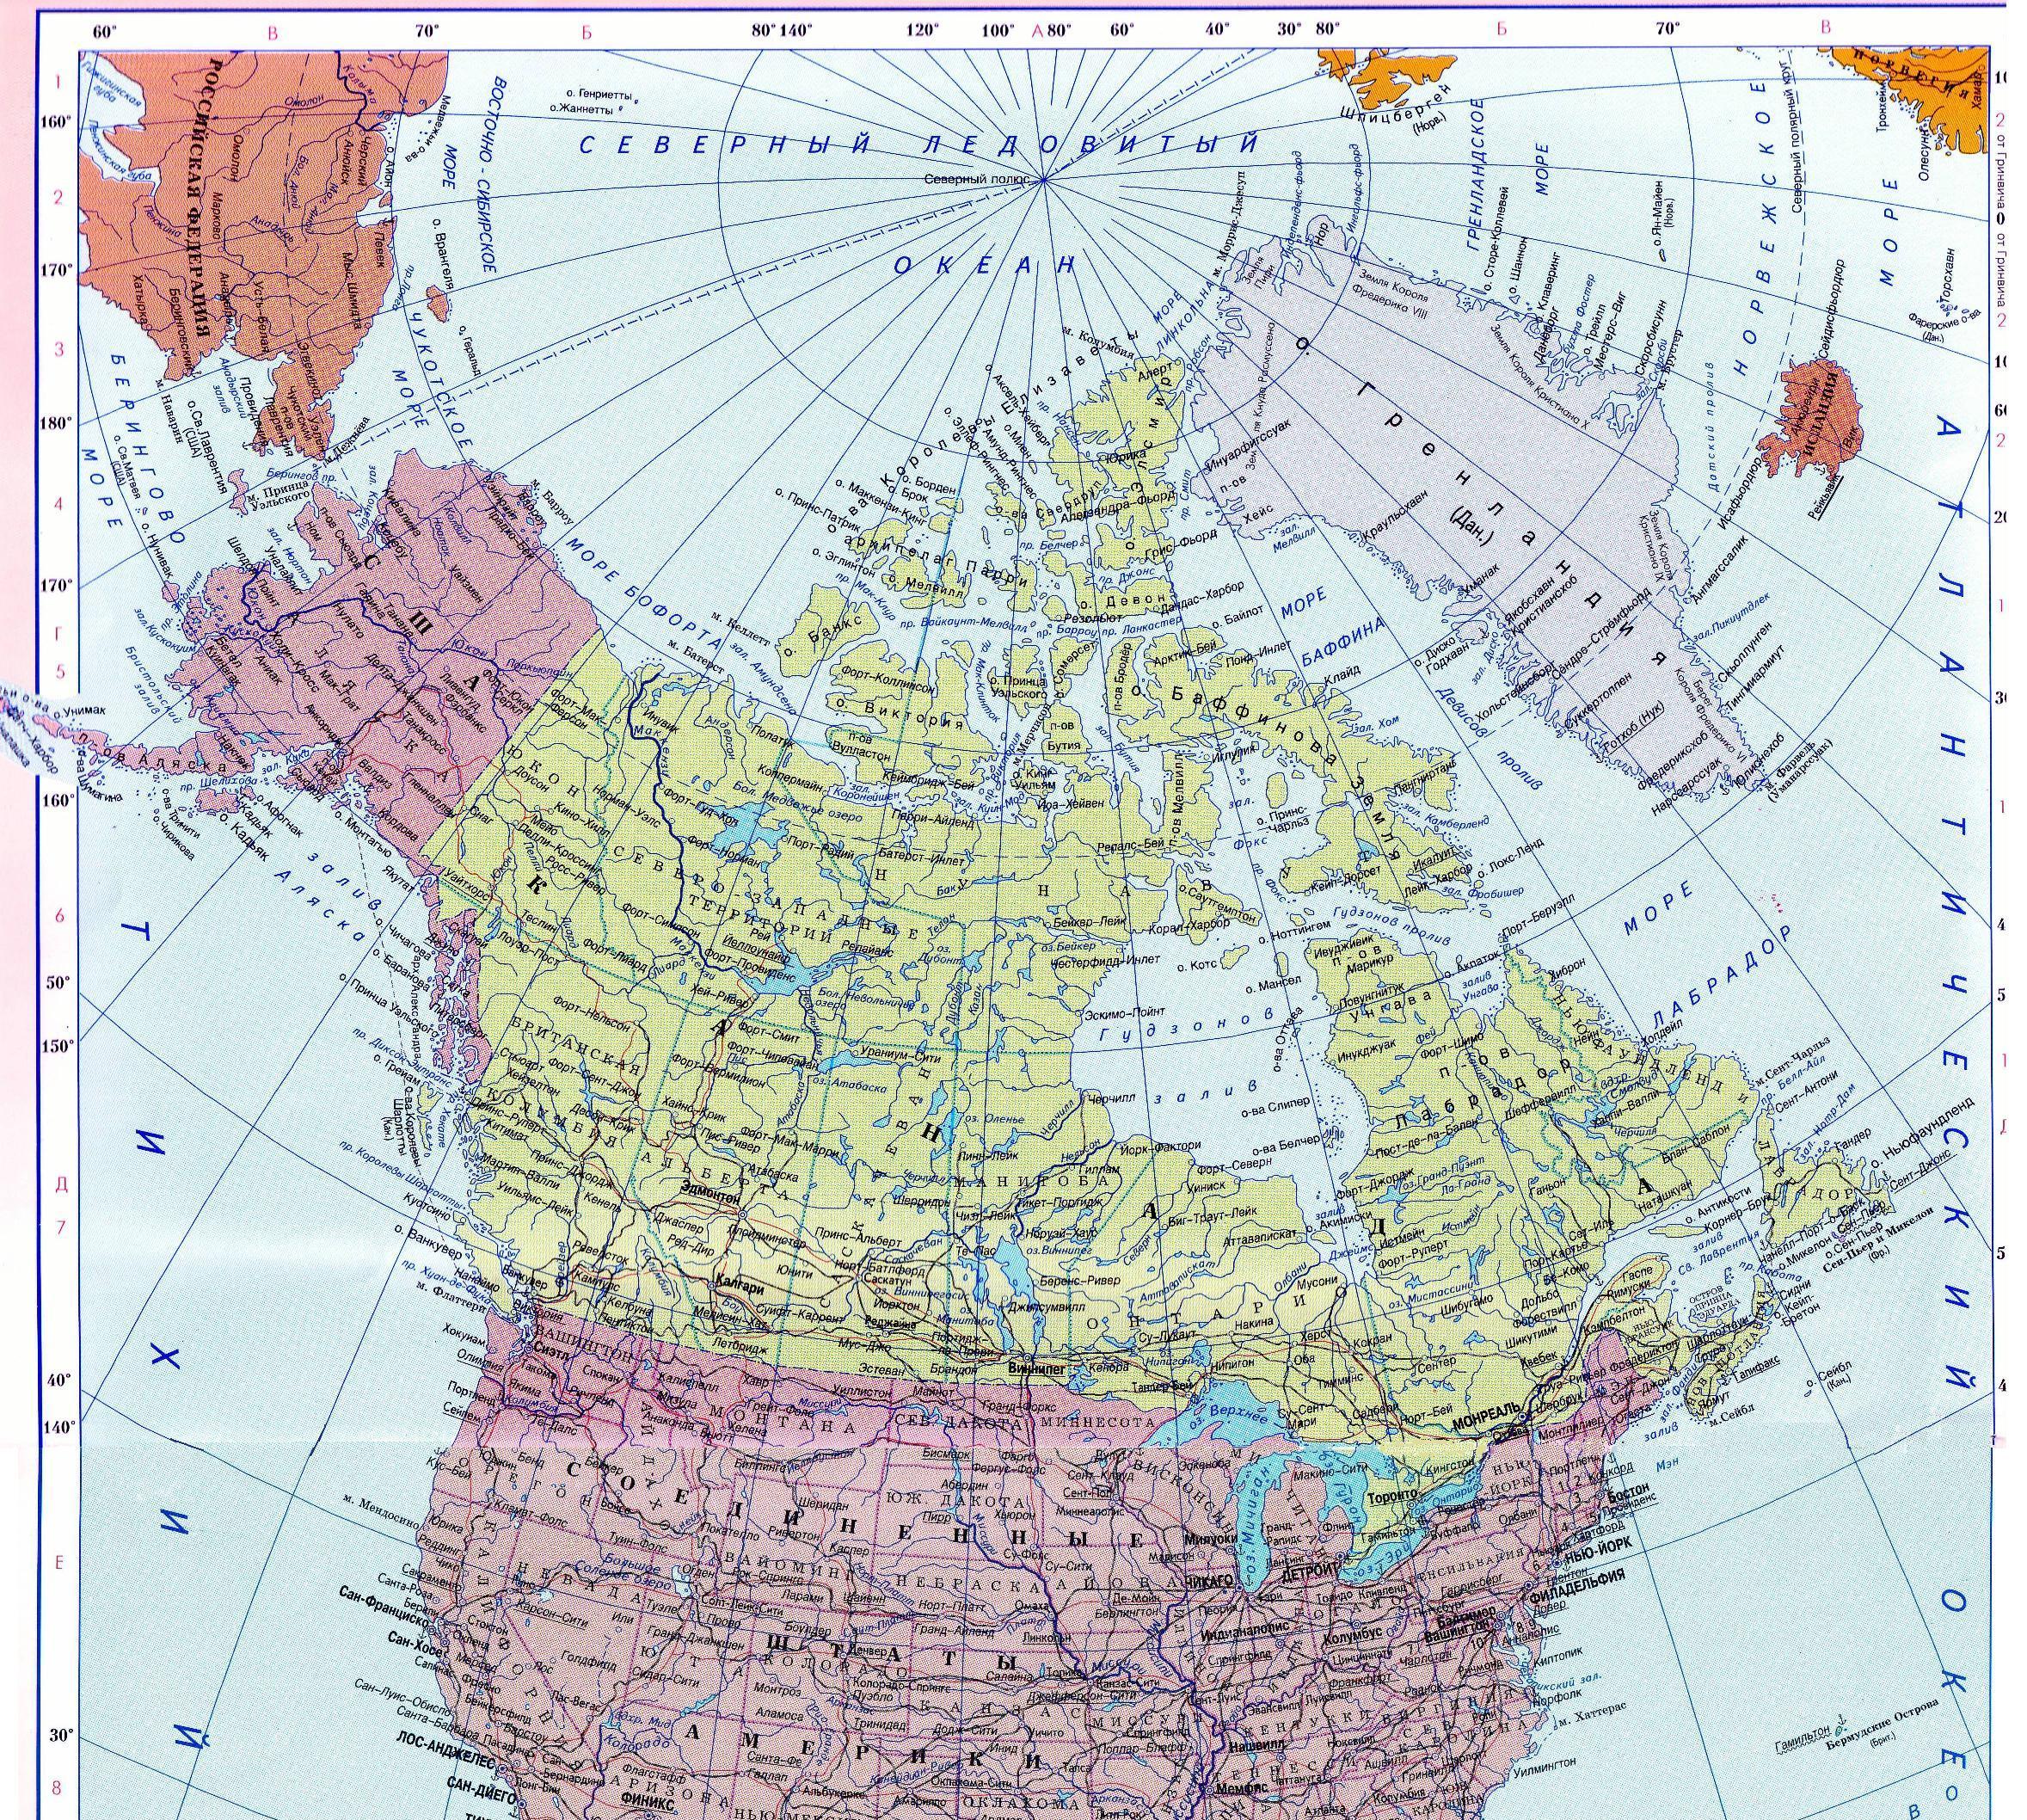 Podrobnaya Geograficheskaya Karta Kanady Na Russkom Yazyke S Provinciyami